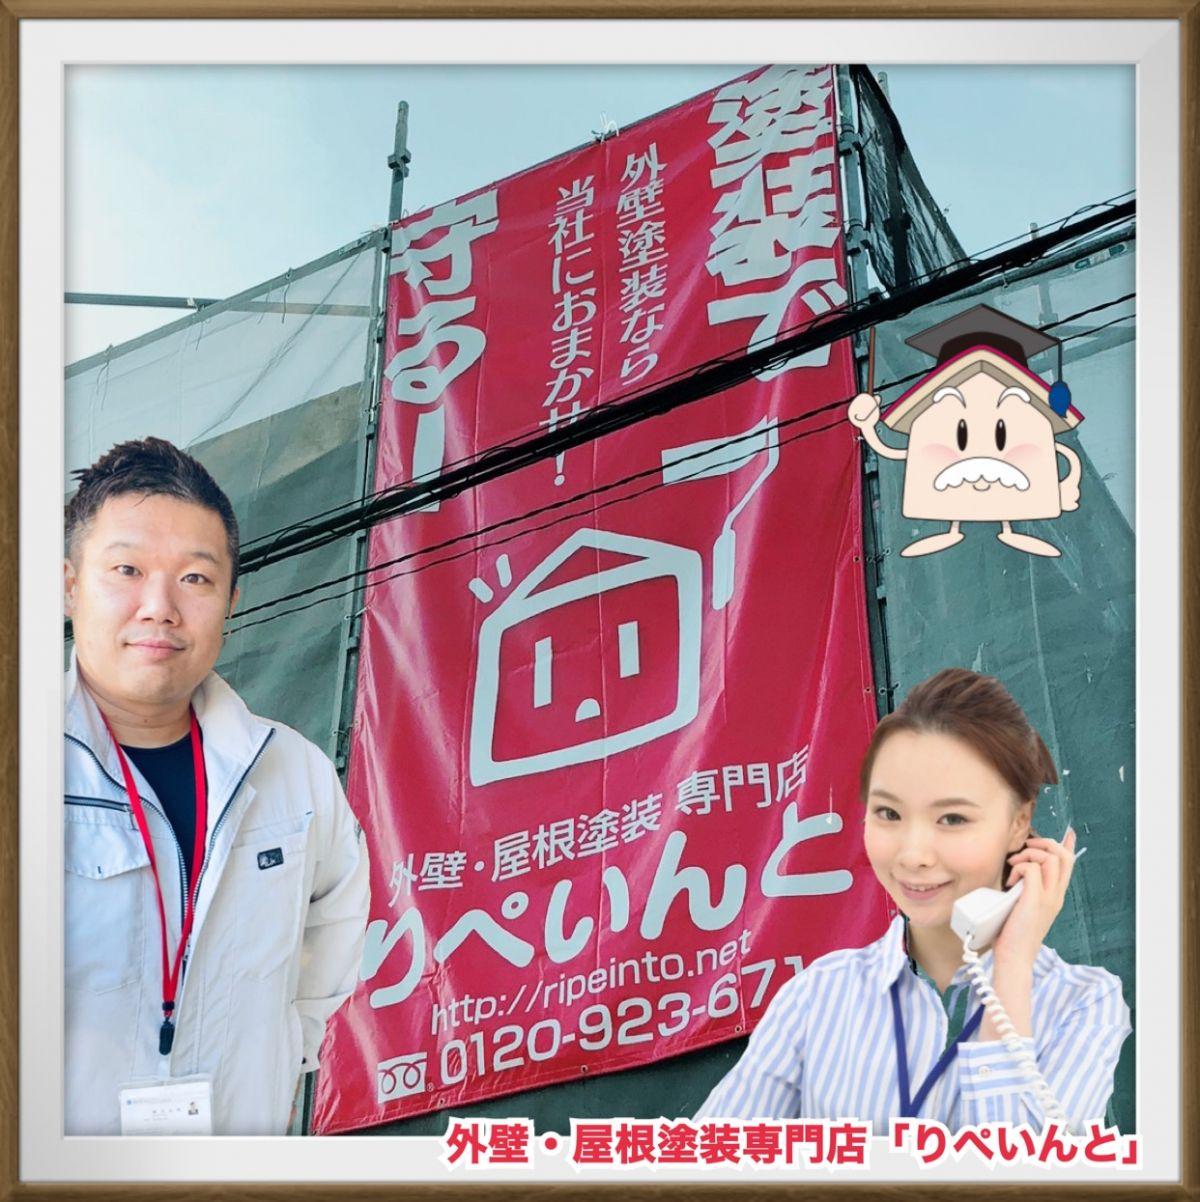 jirei_image54671